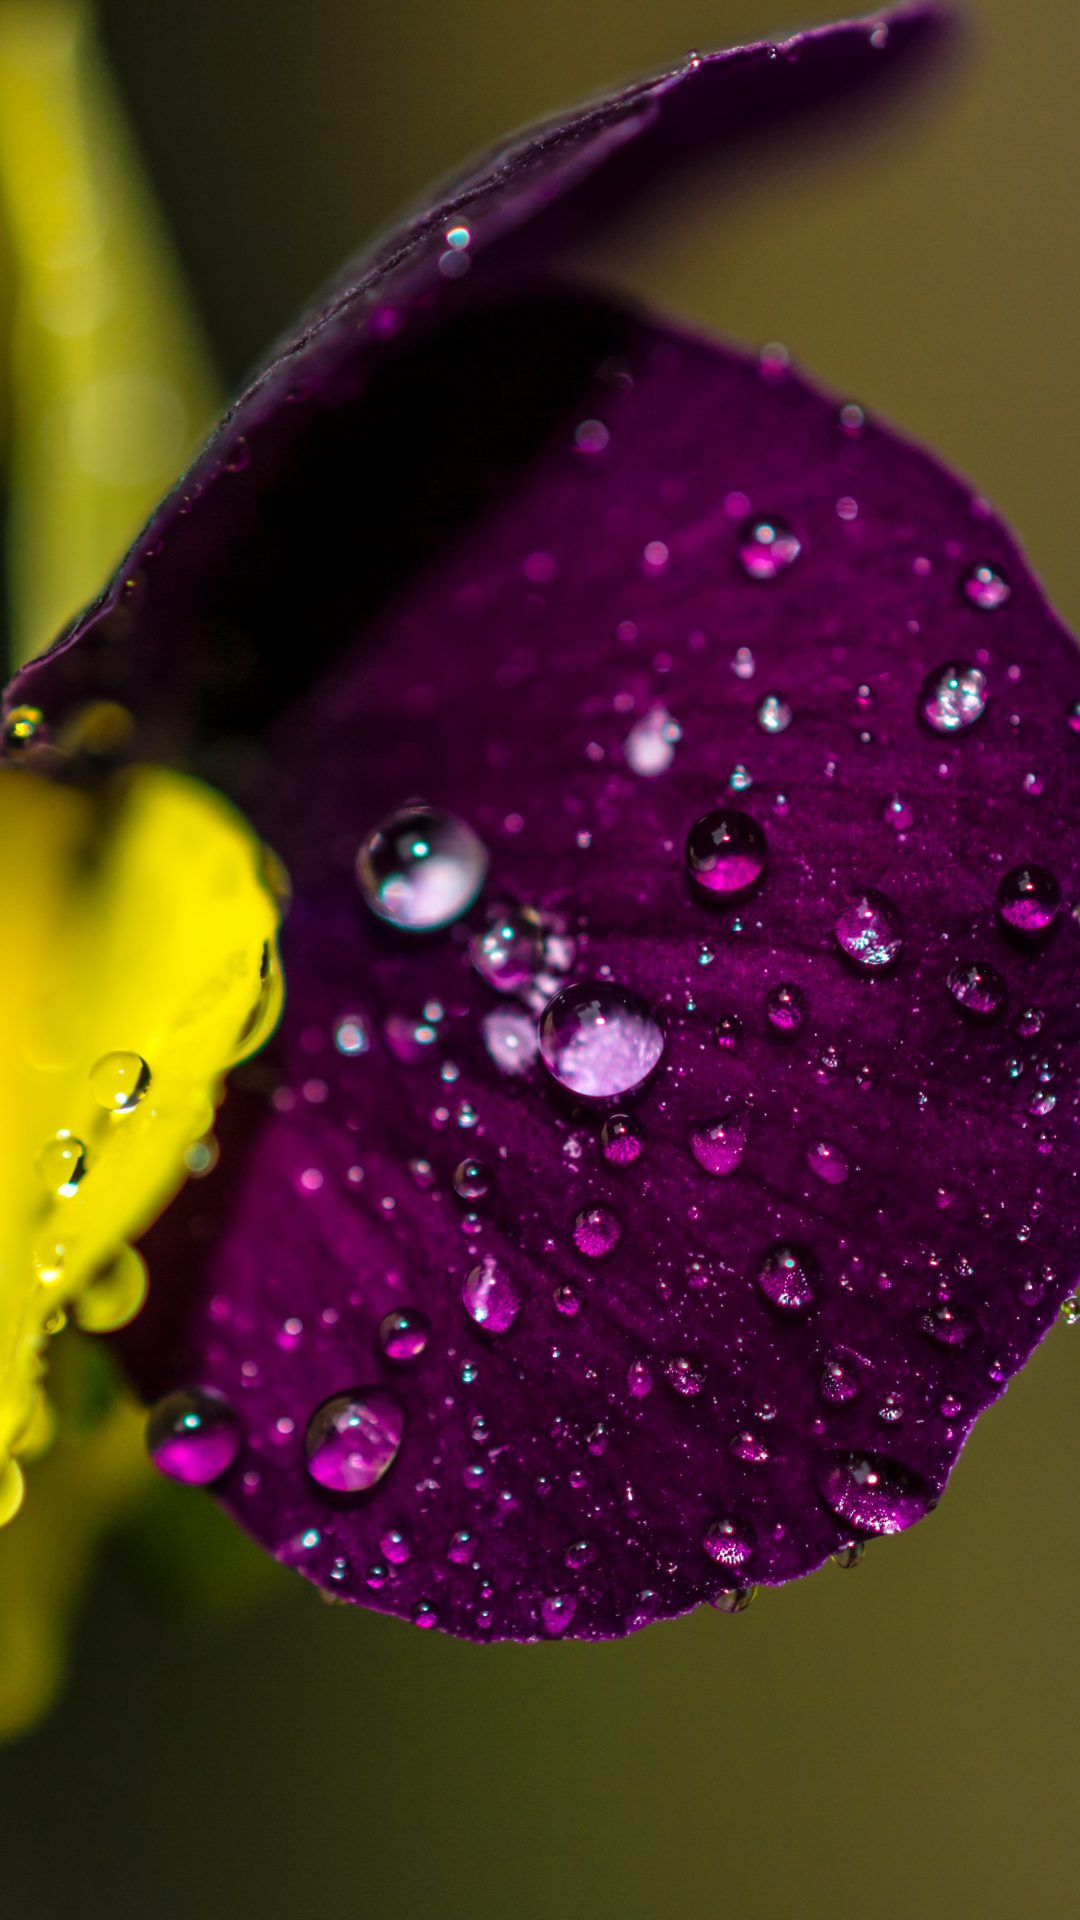 Water Drops On Violet Flower Wallpaper 4k 5k Hd Wallpaper Background